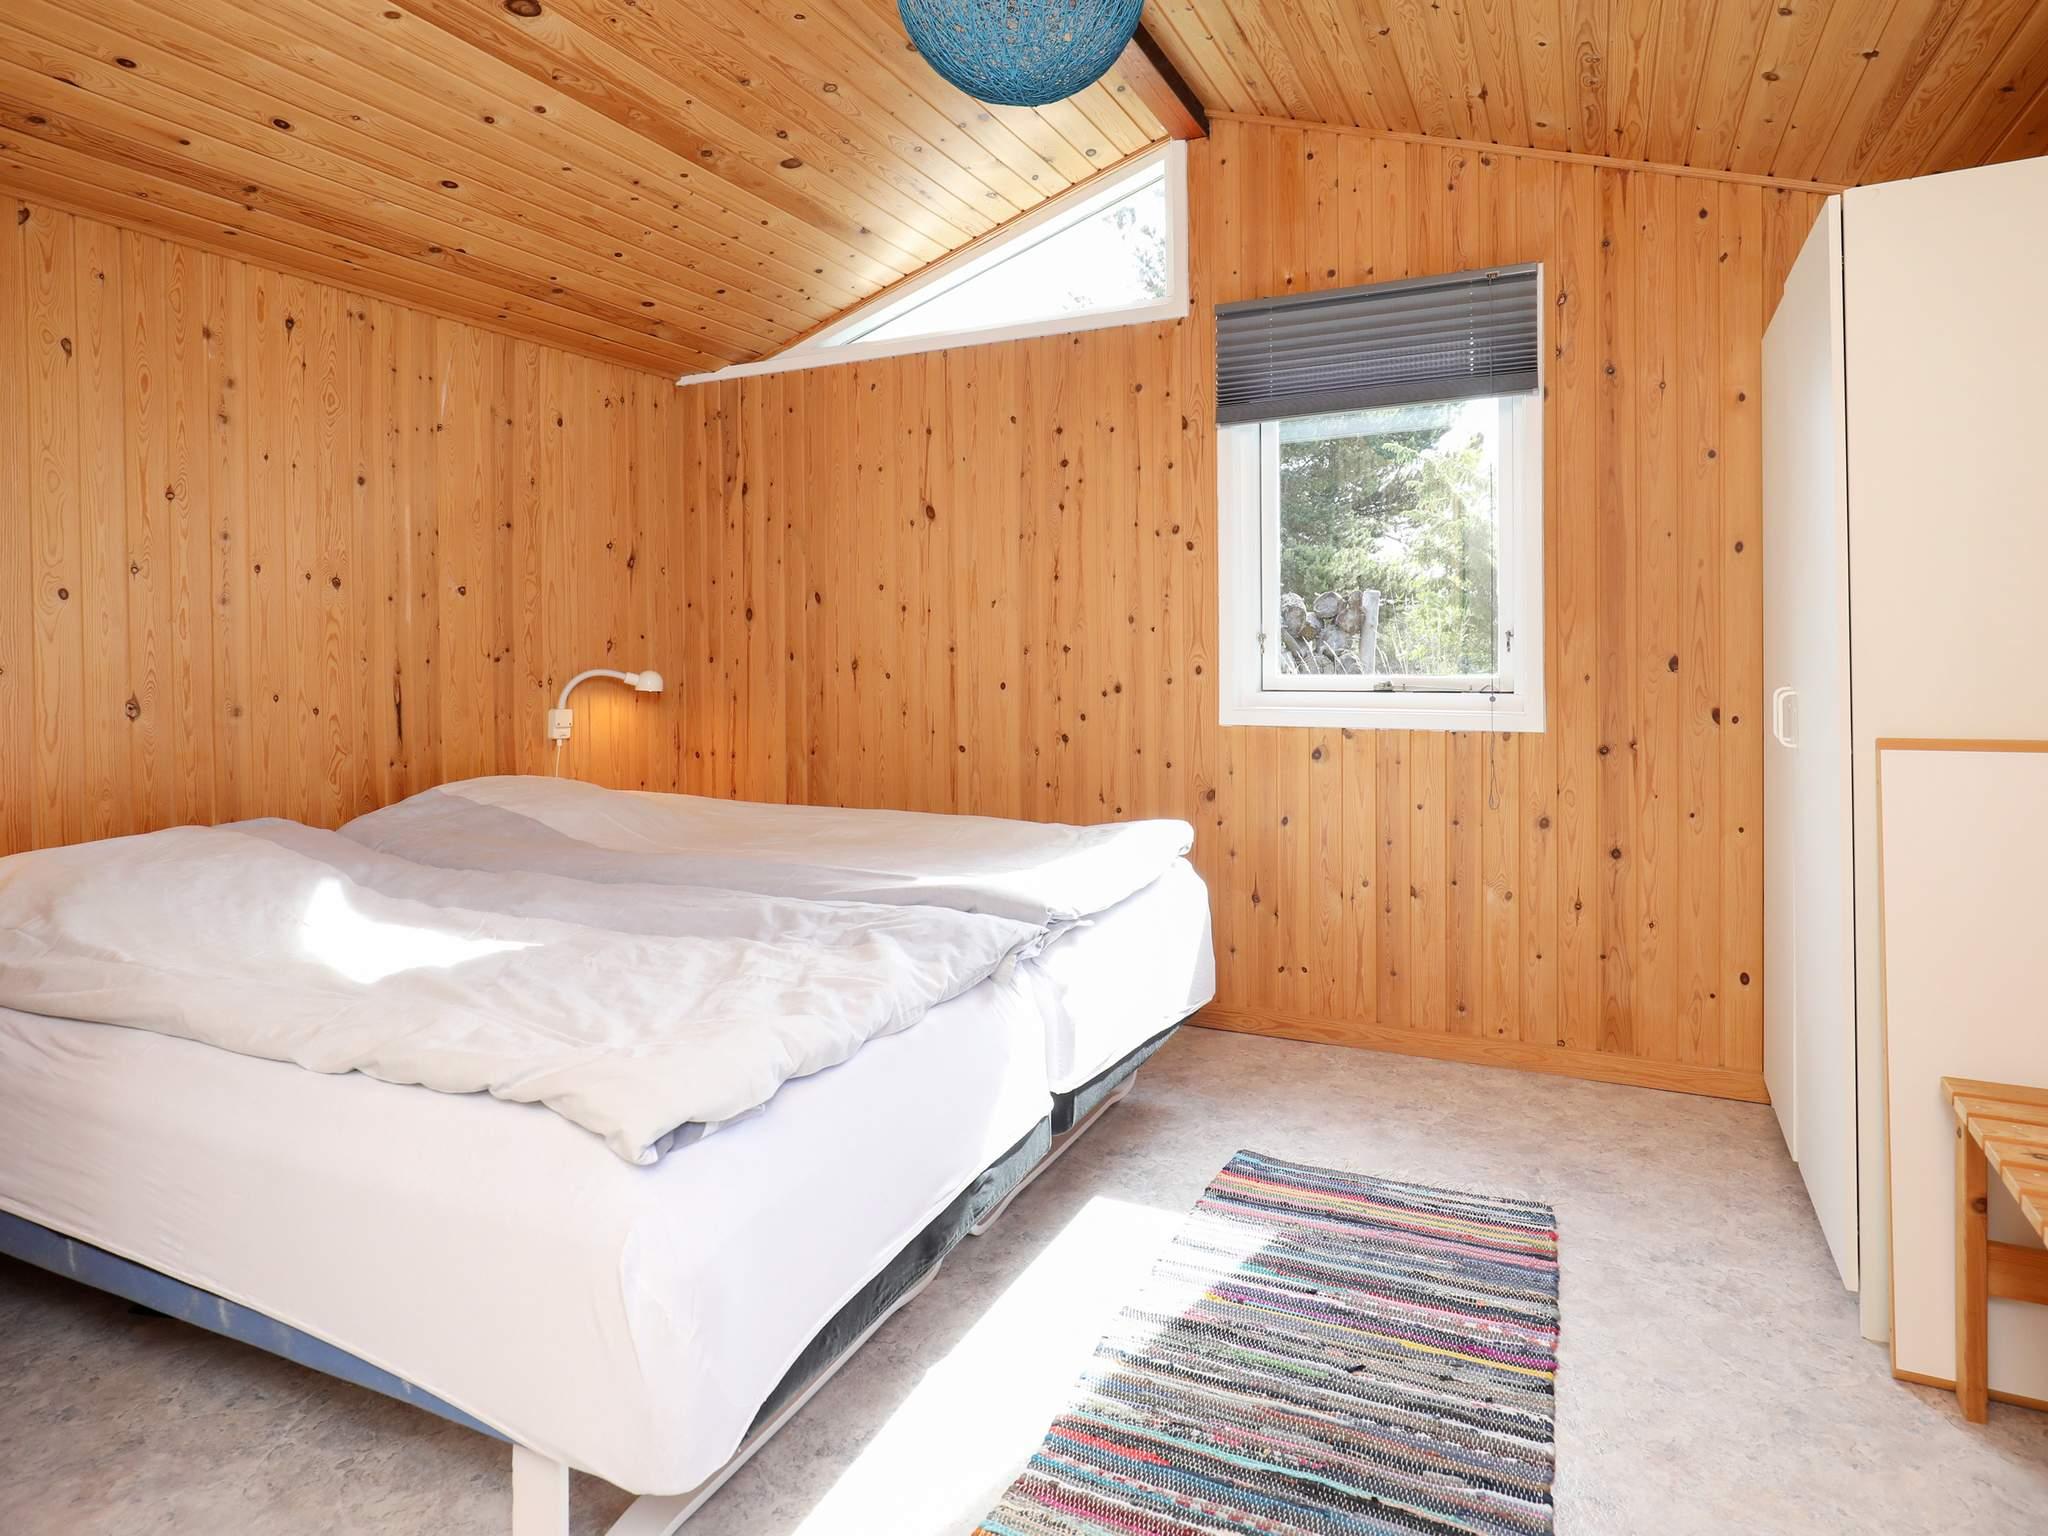 Ferienhaus Kjul Strand (2523809), Hirtshals, , Nordwestjütland, Dänemark, Bild 8